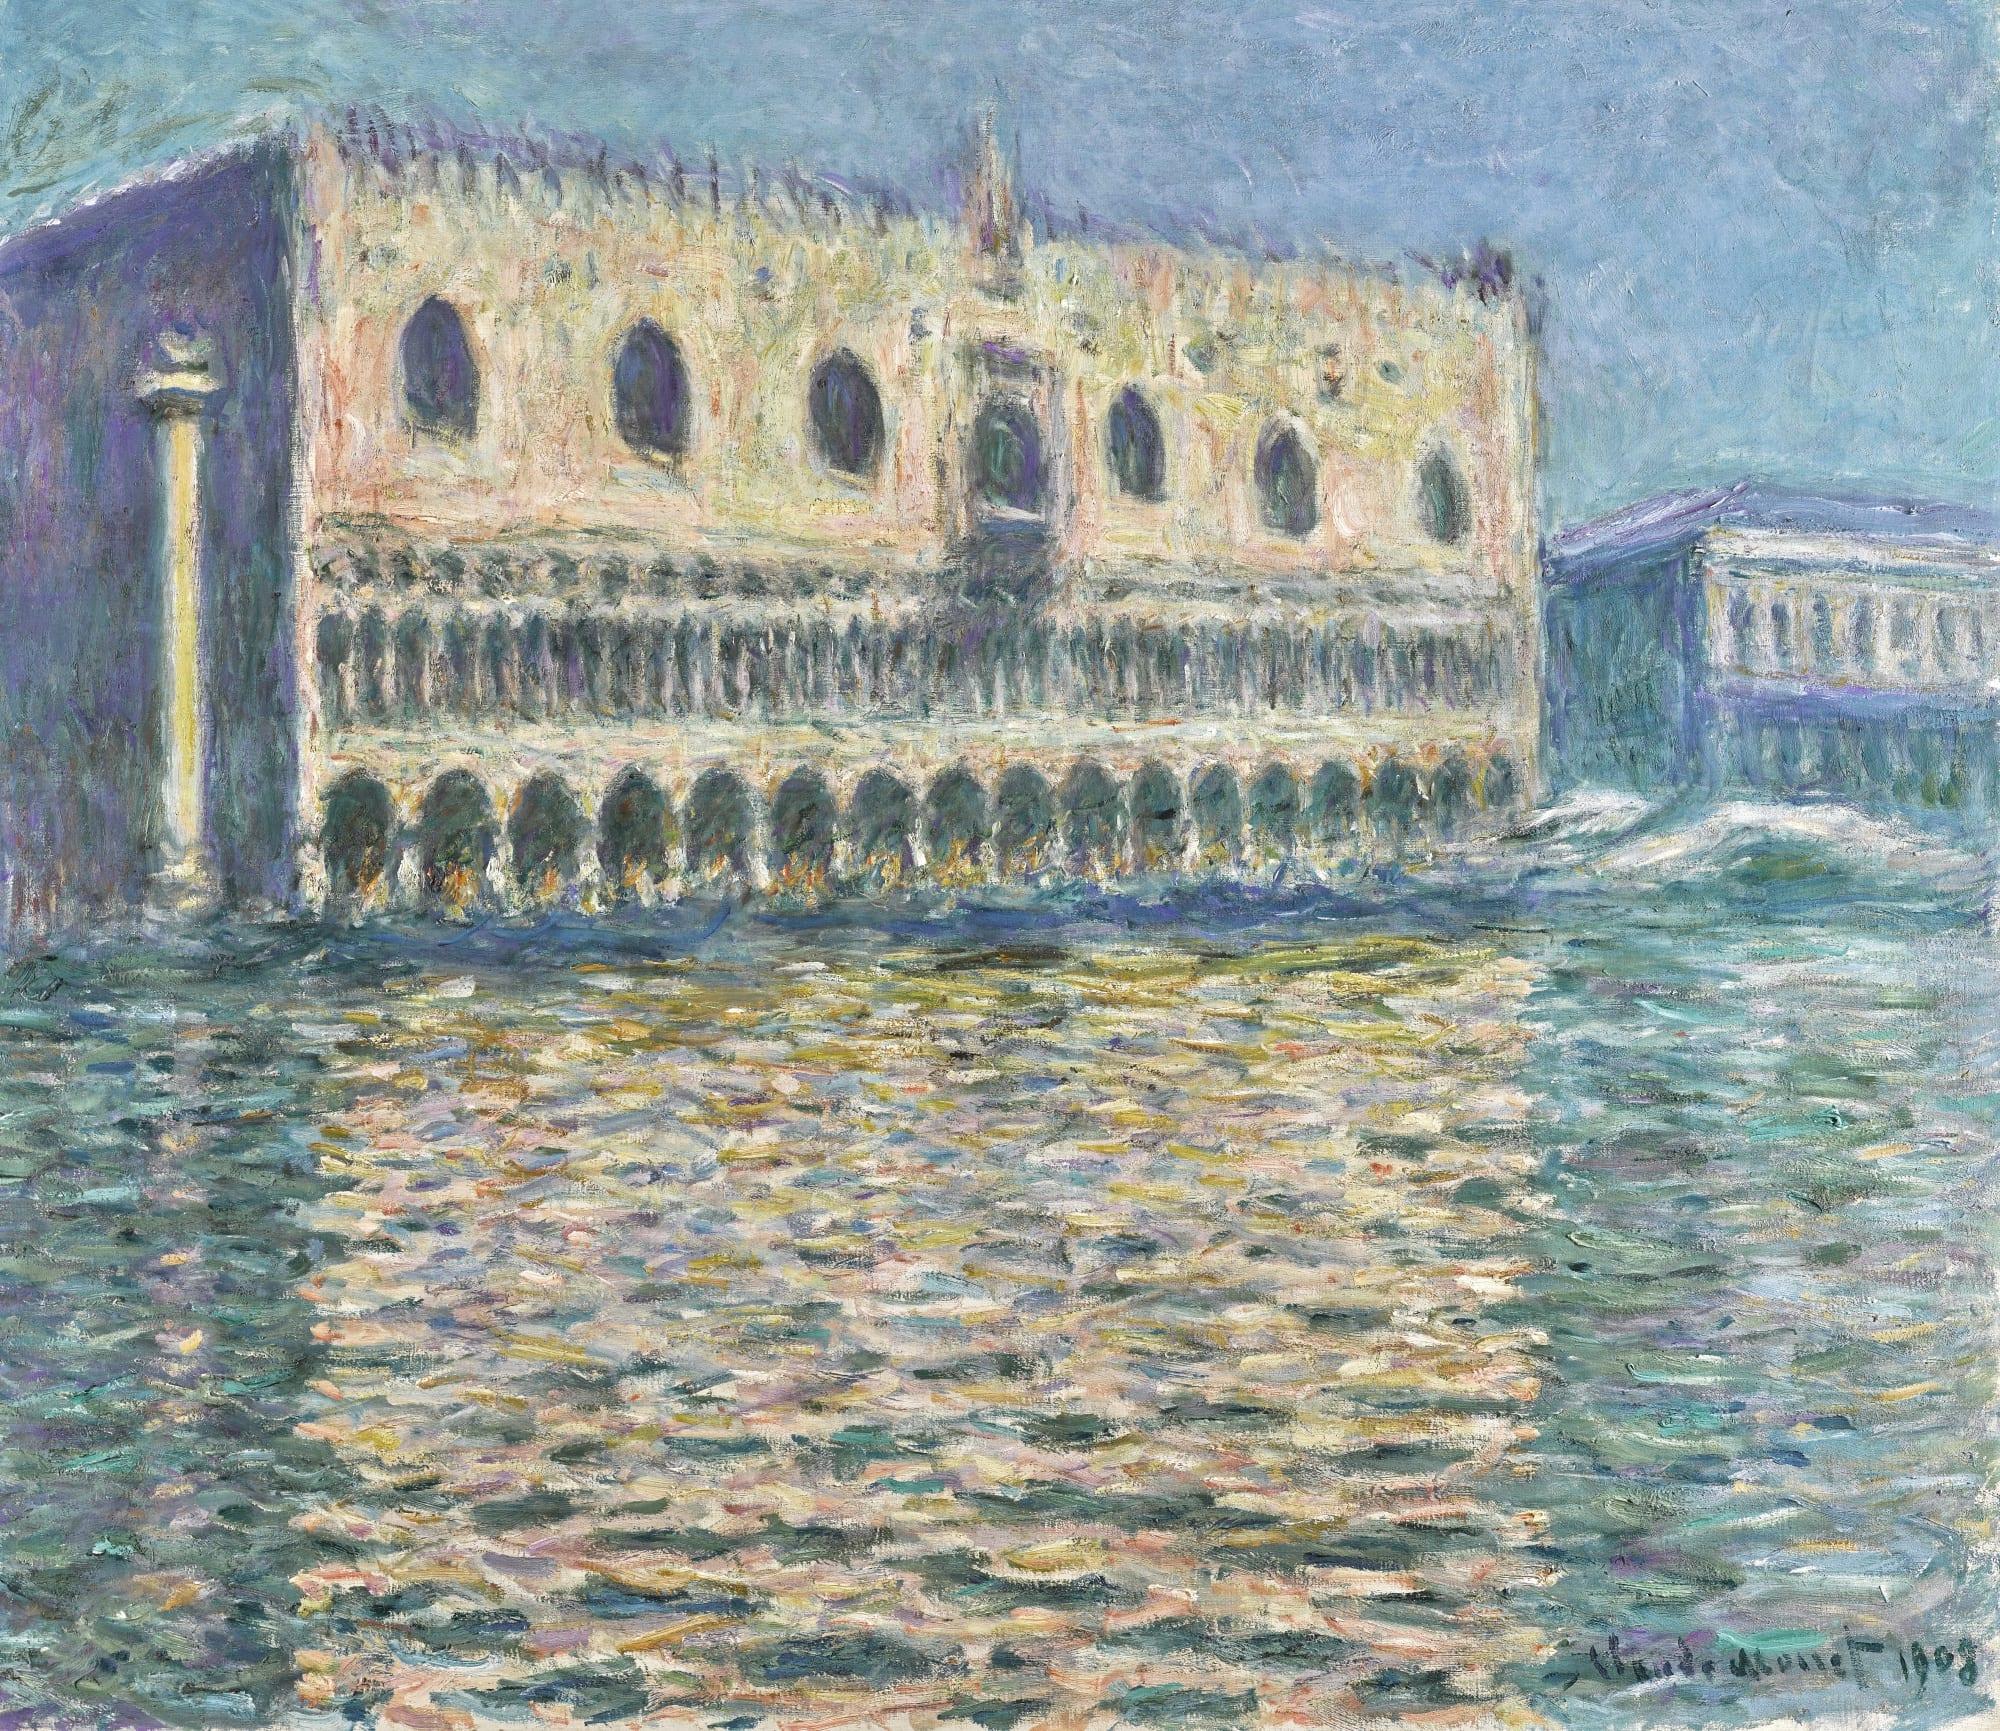 La Venezia di Monet vale 27,5 milioni£. Le Evening di Sotheby's London arrivano a 87,7 milioni di sterline